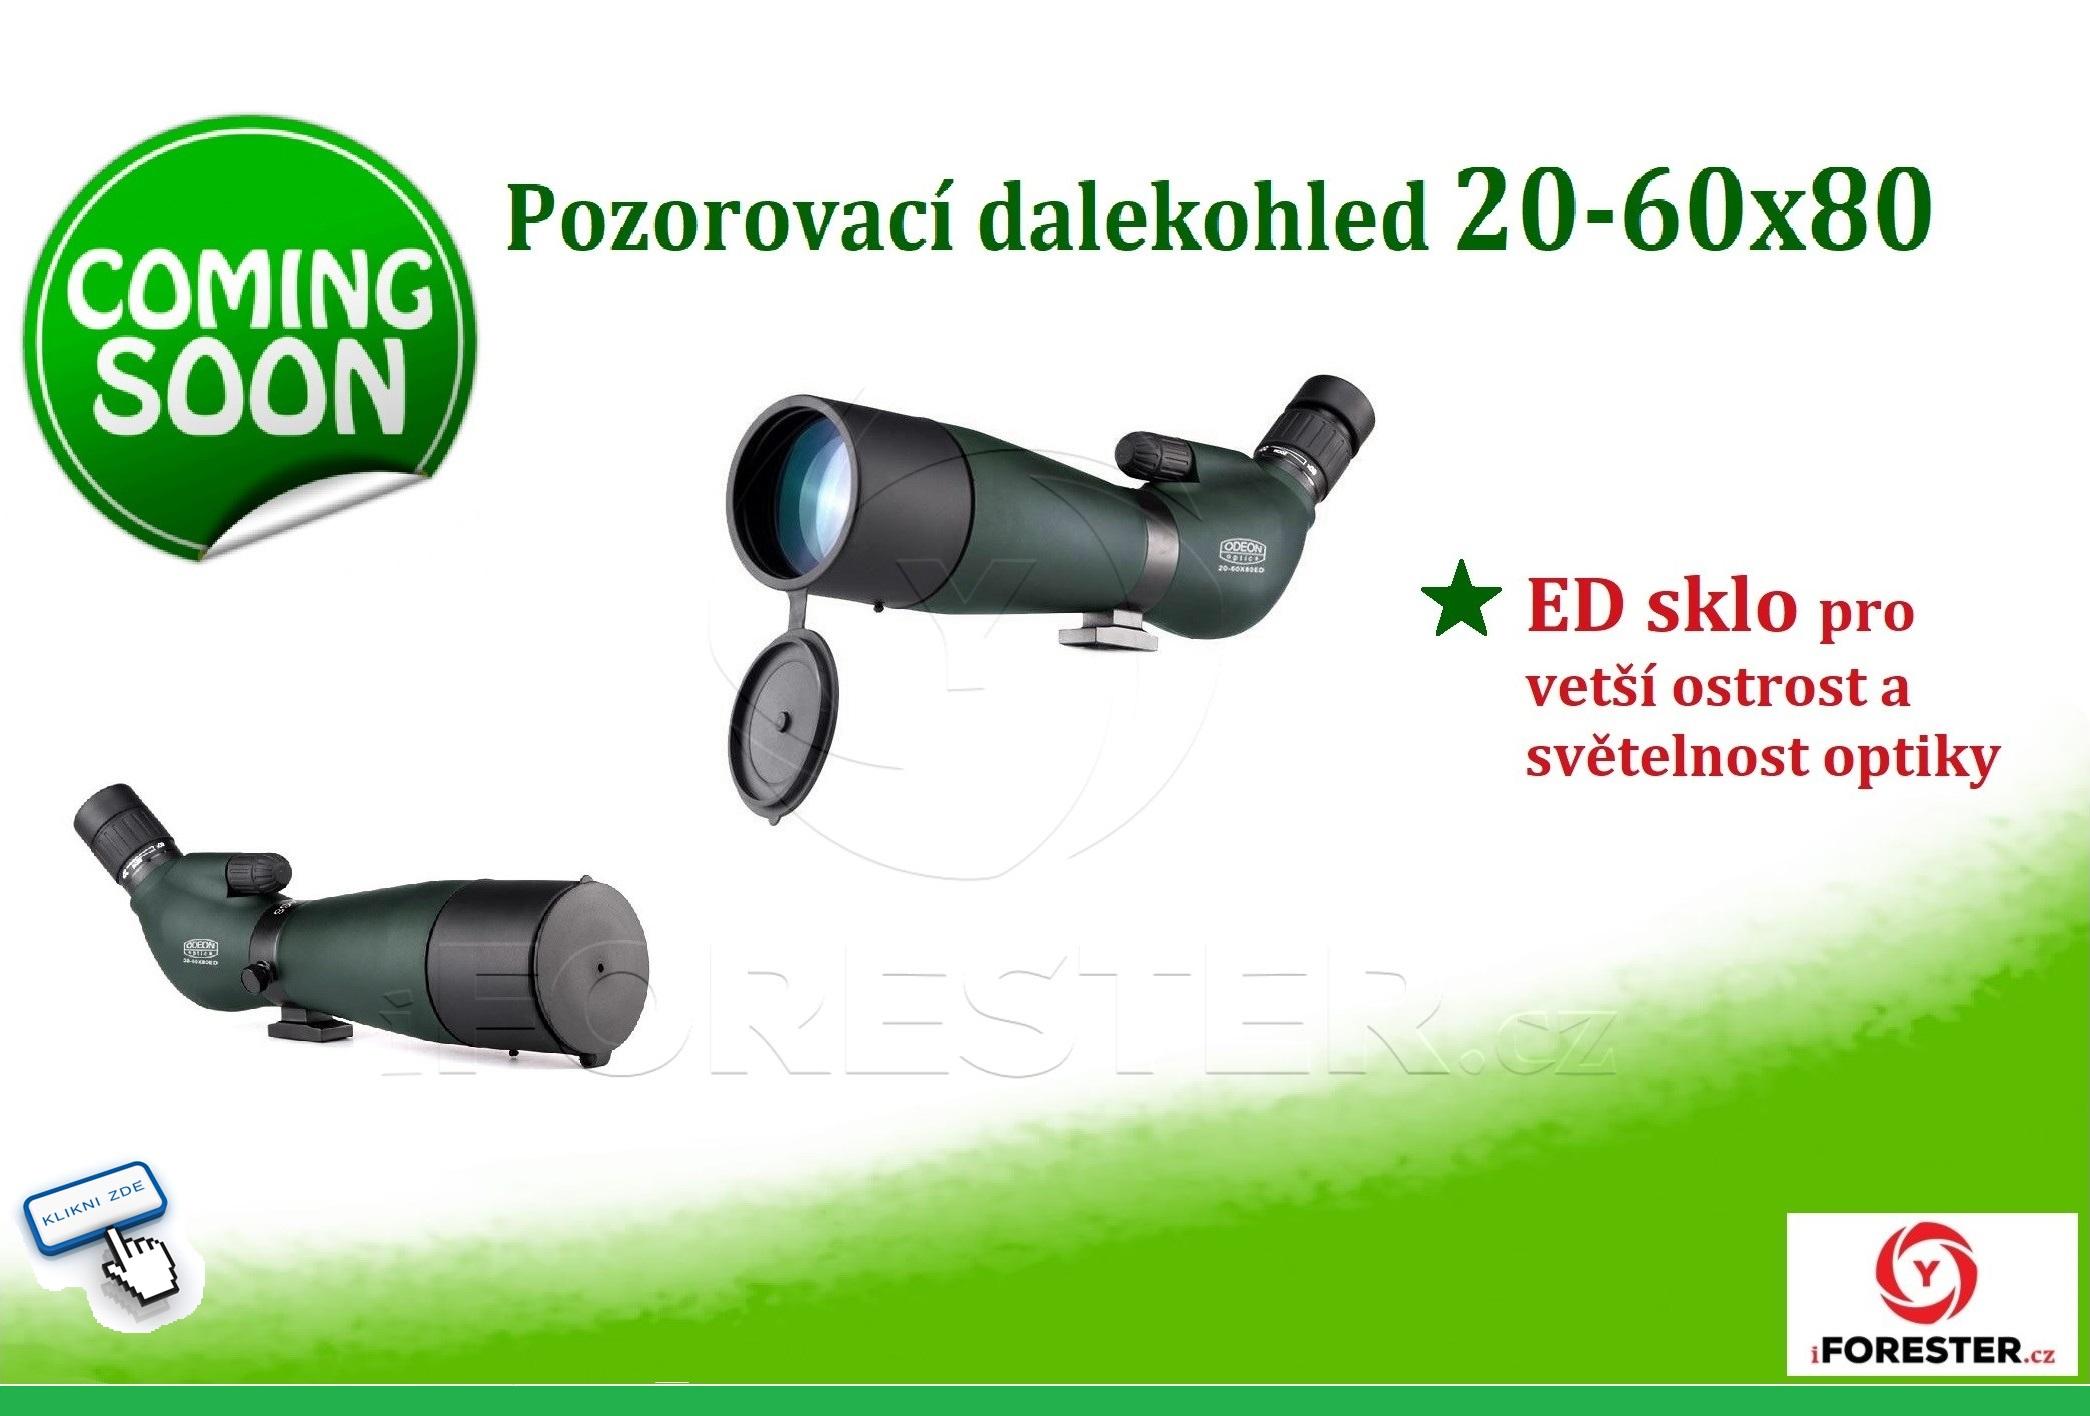 pozorovací dalekohled 20-60x80